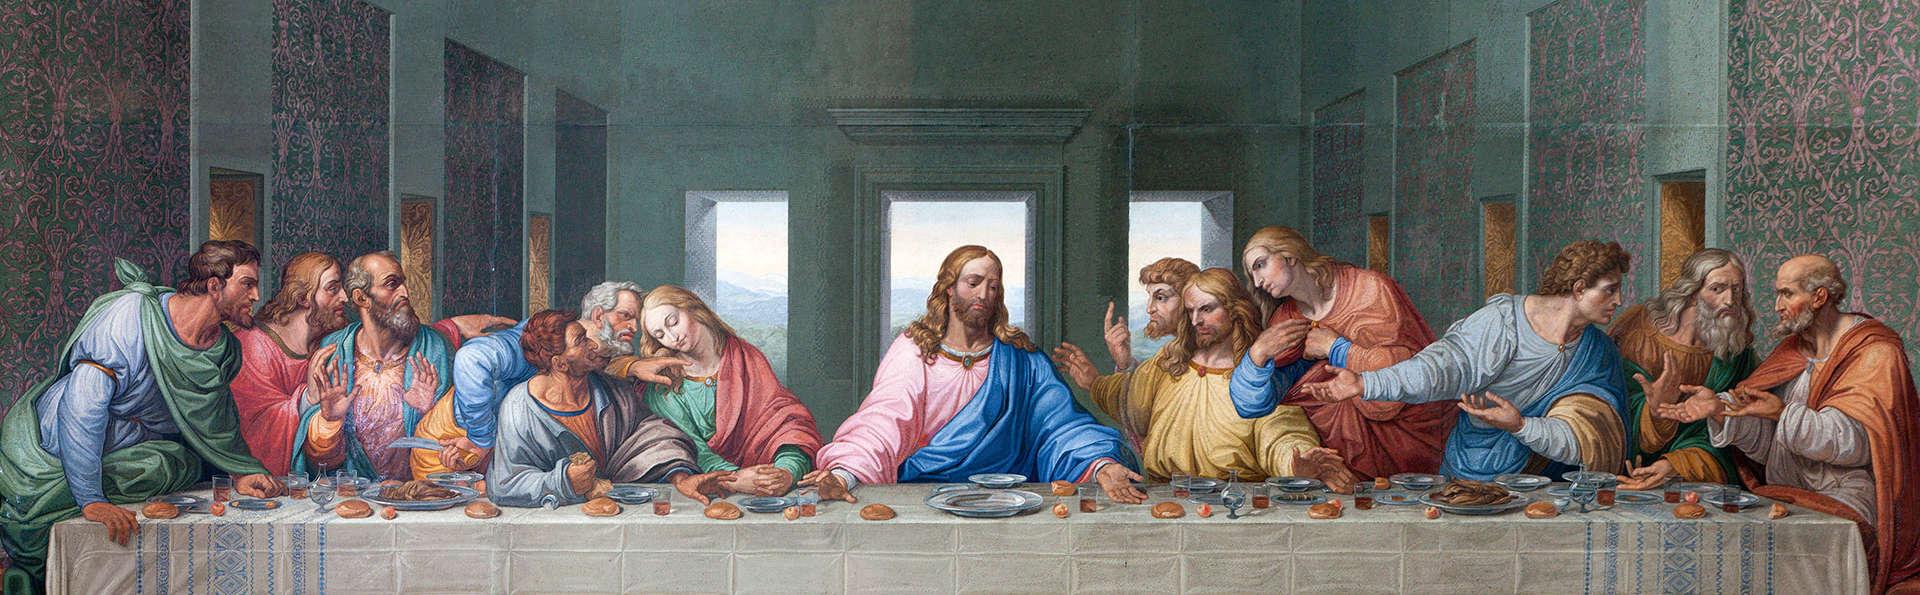 Séjour à Milan avec visite d'un chef-d'œuvre : La Cène de Léonard de Vinci